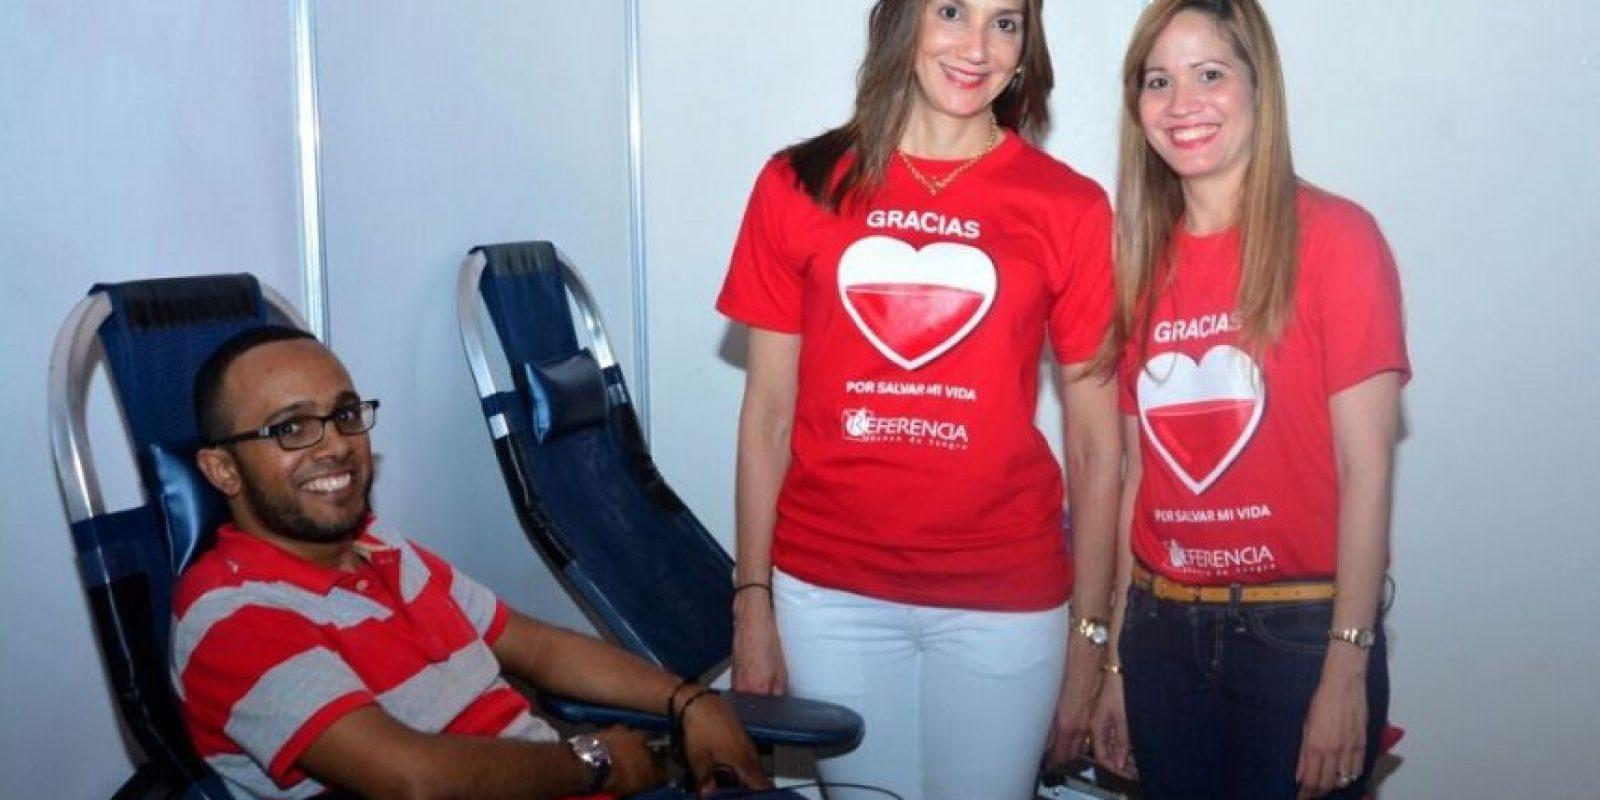 El 20% de la sangre colectada será donada a la Fundación St. Jud. Foto:Fuente externa